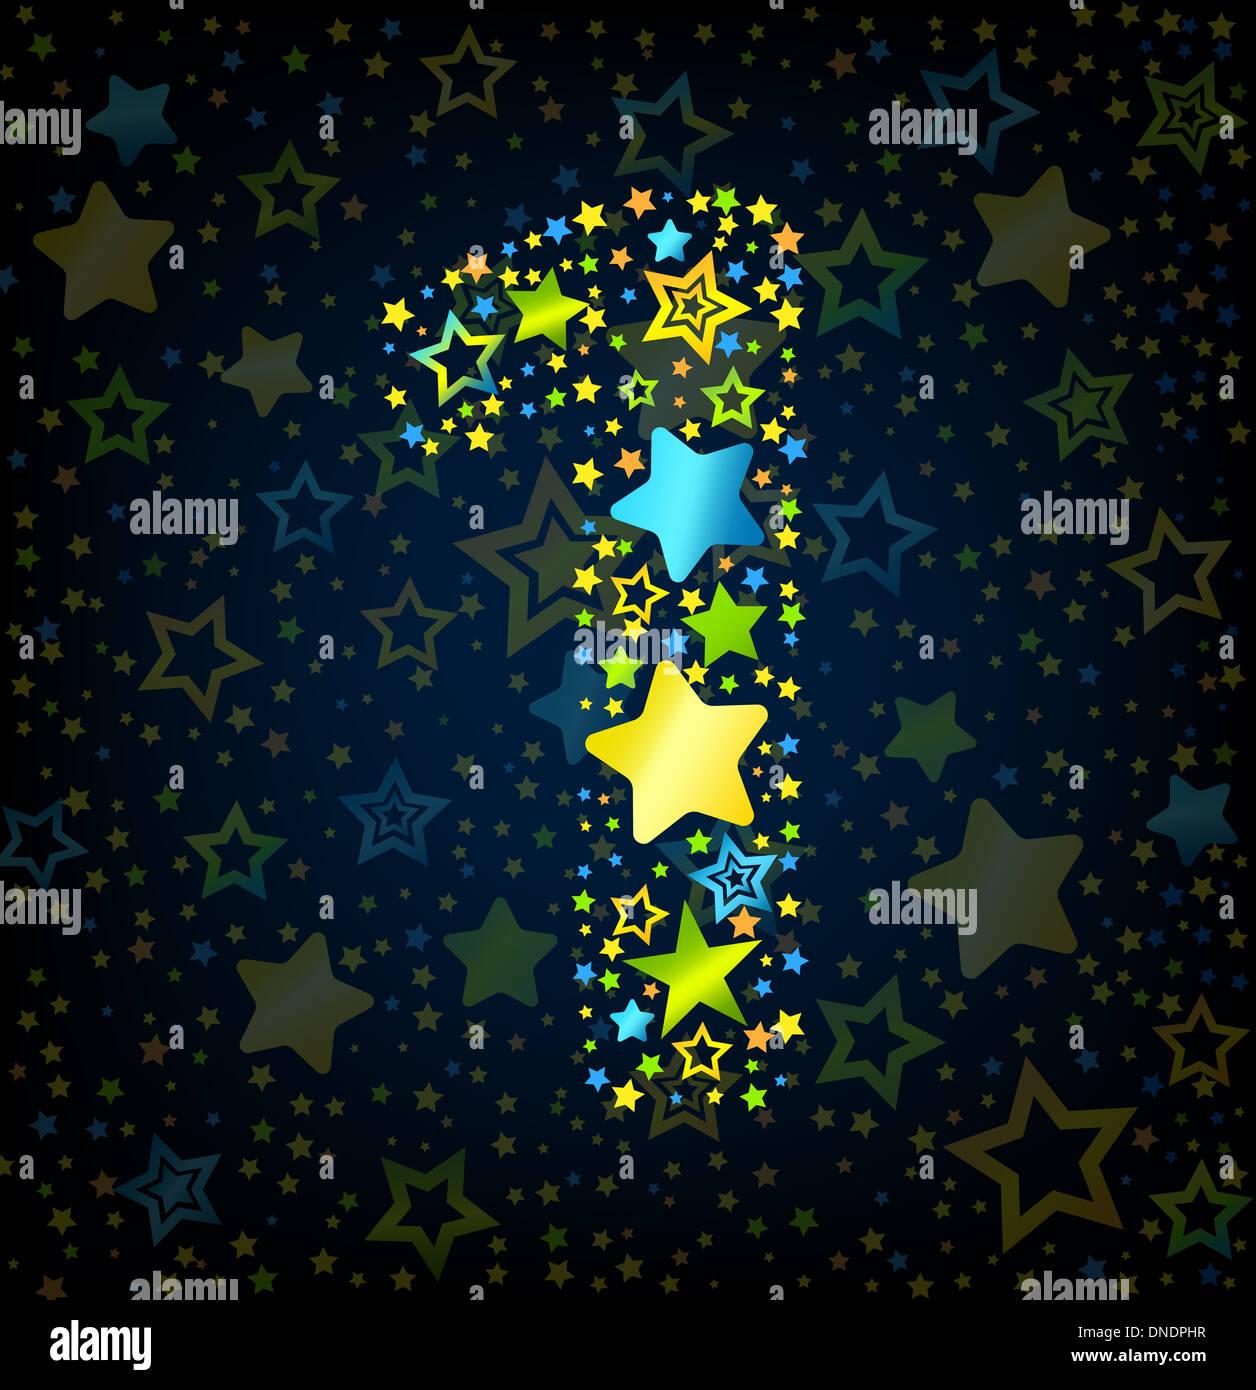 Número 1 caricatura estrella de color Imagen De Stock